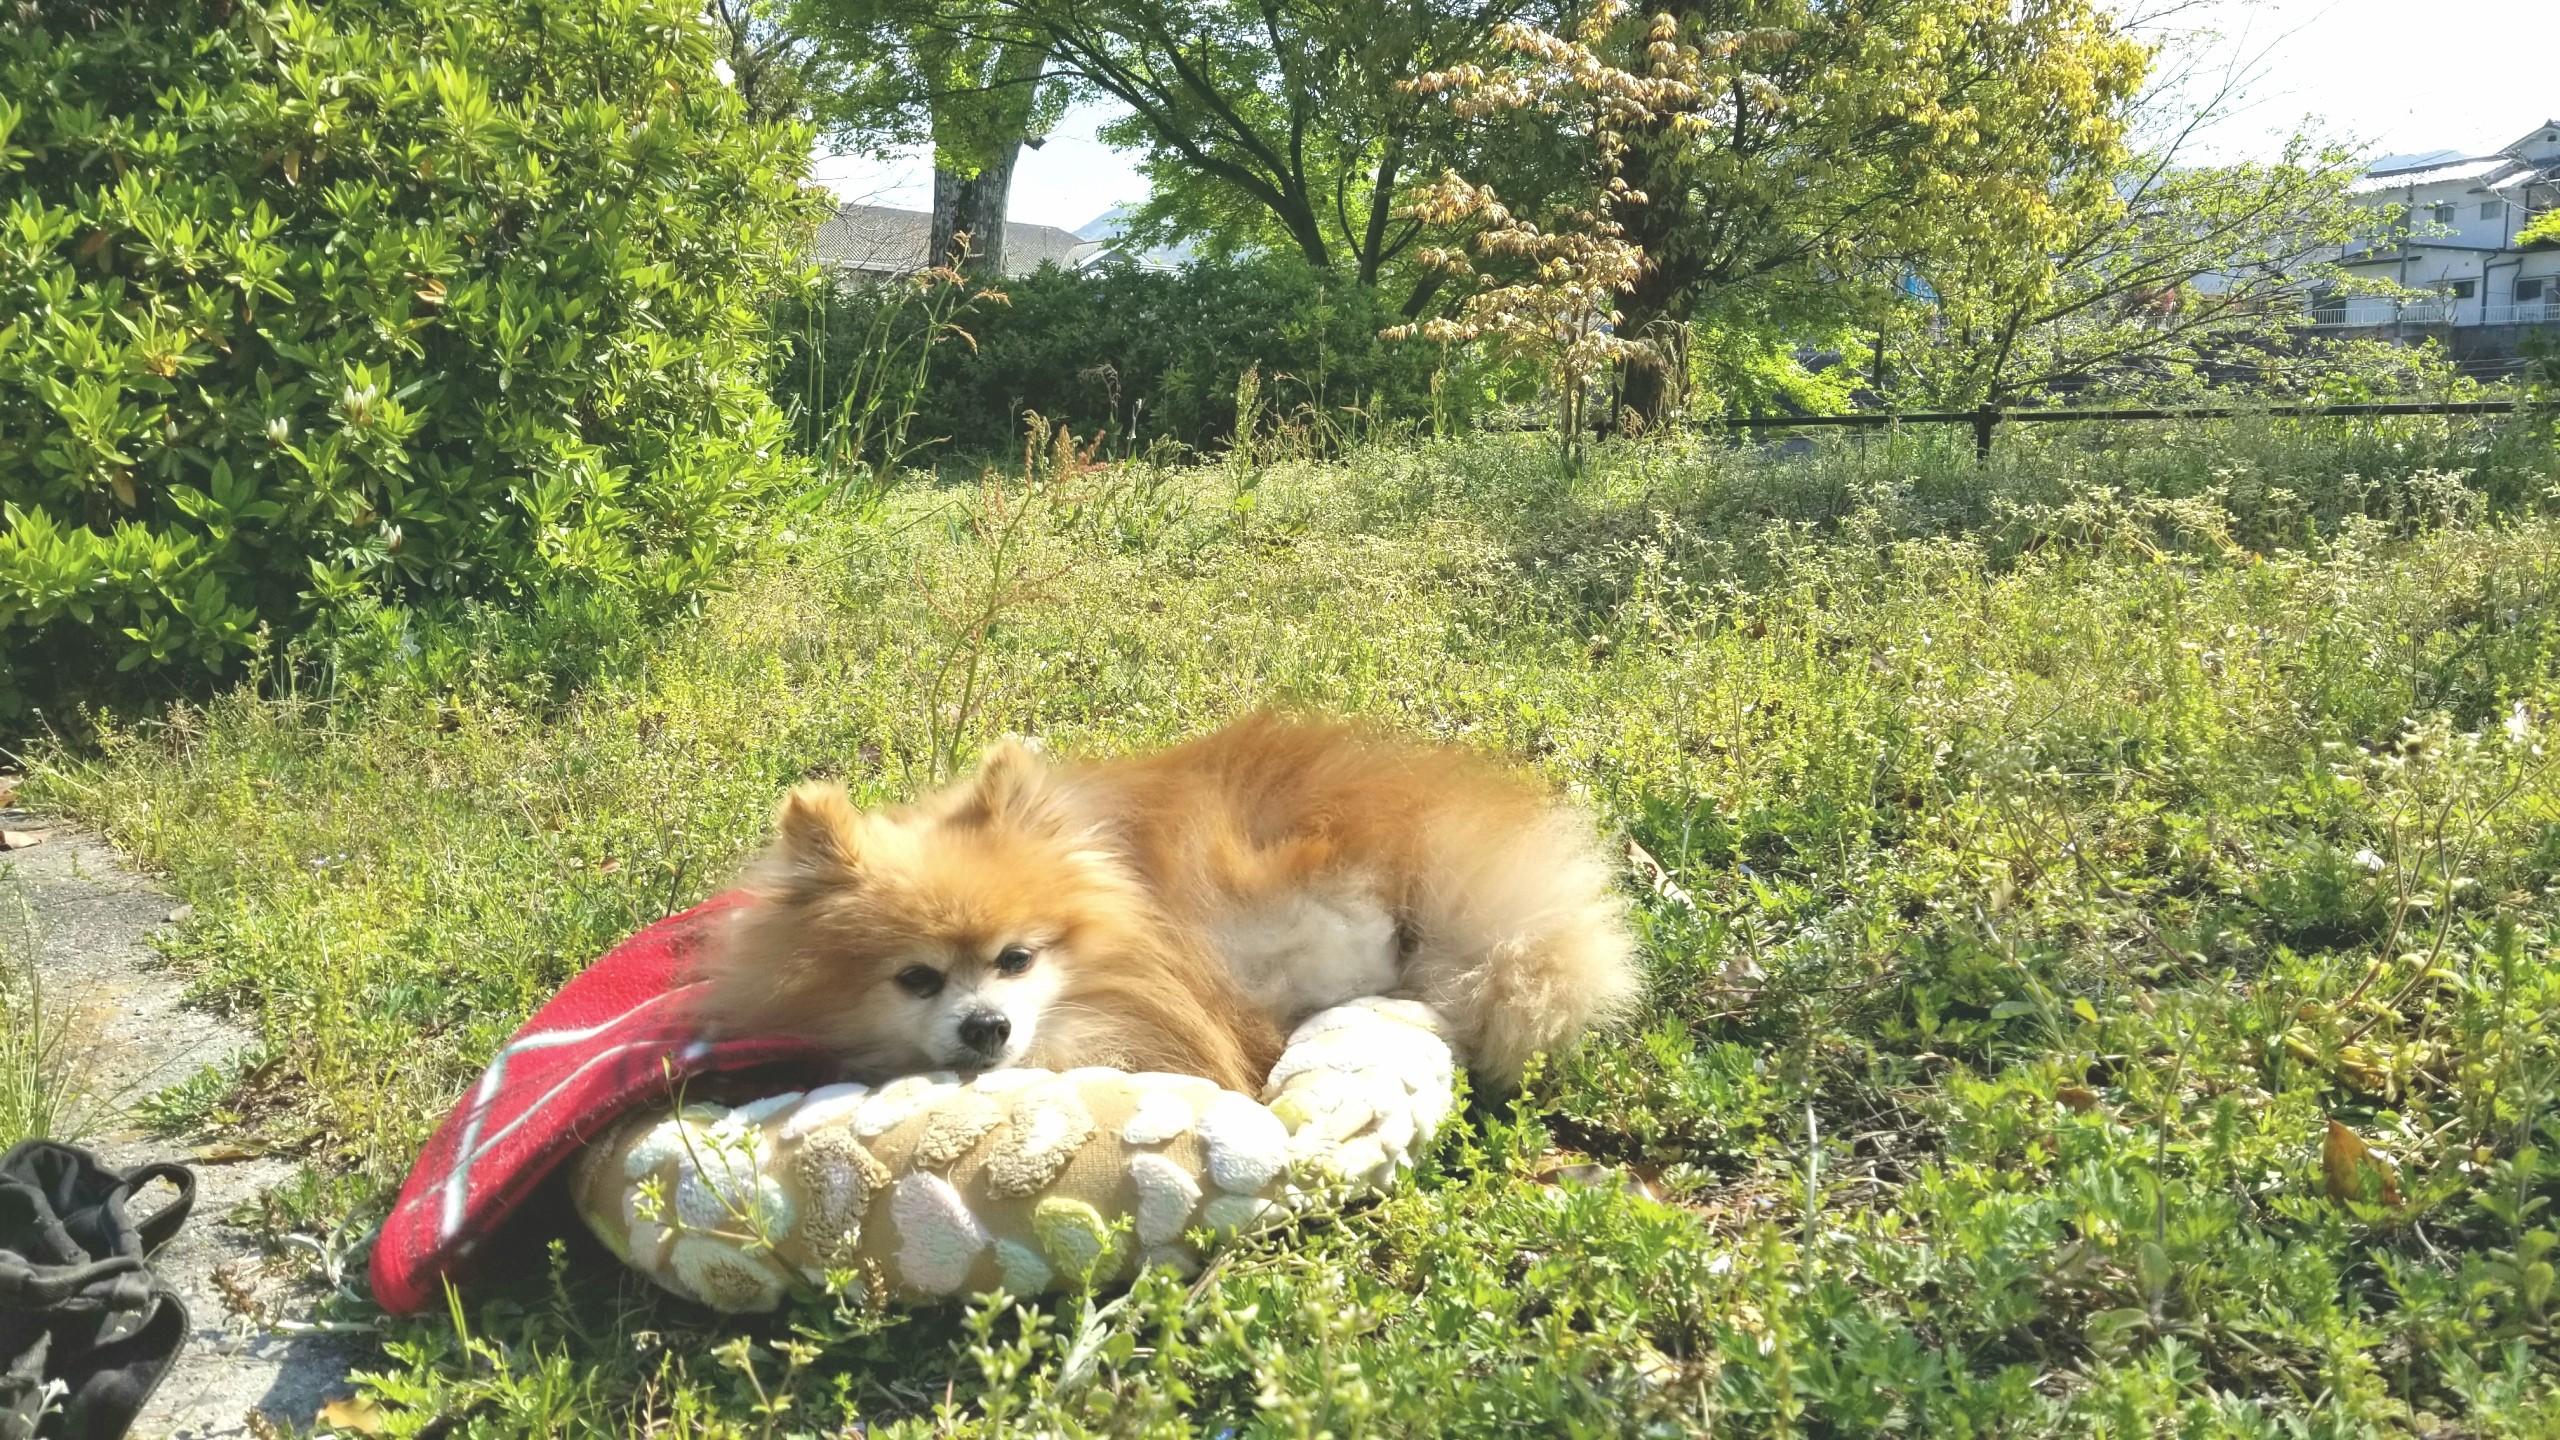 ペットの病気愛犬かわいいポメラニアン公園お散歩歩けないいい天気